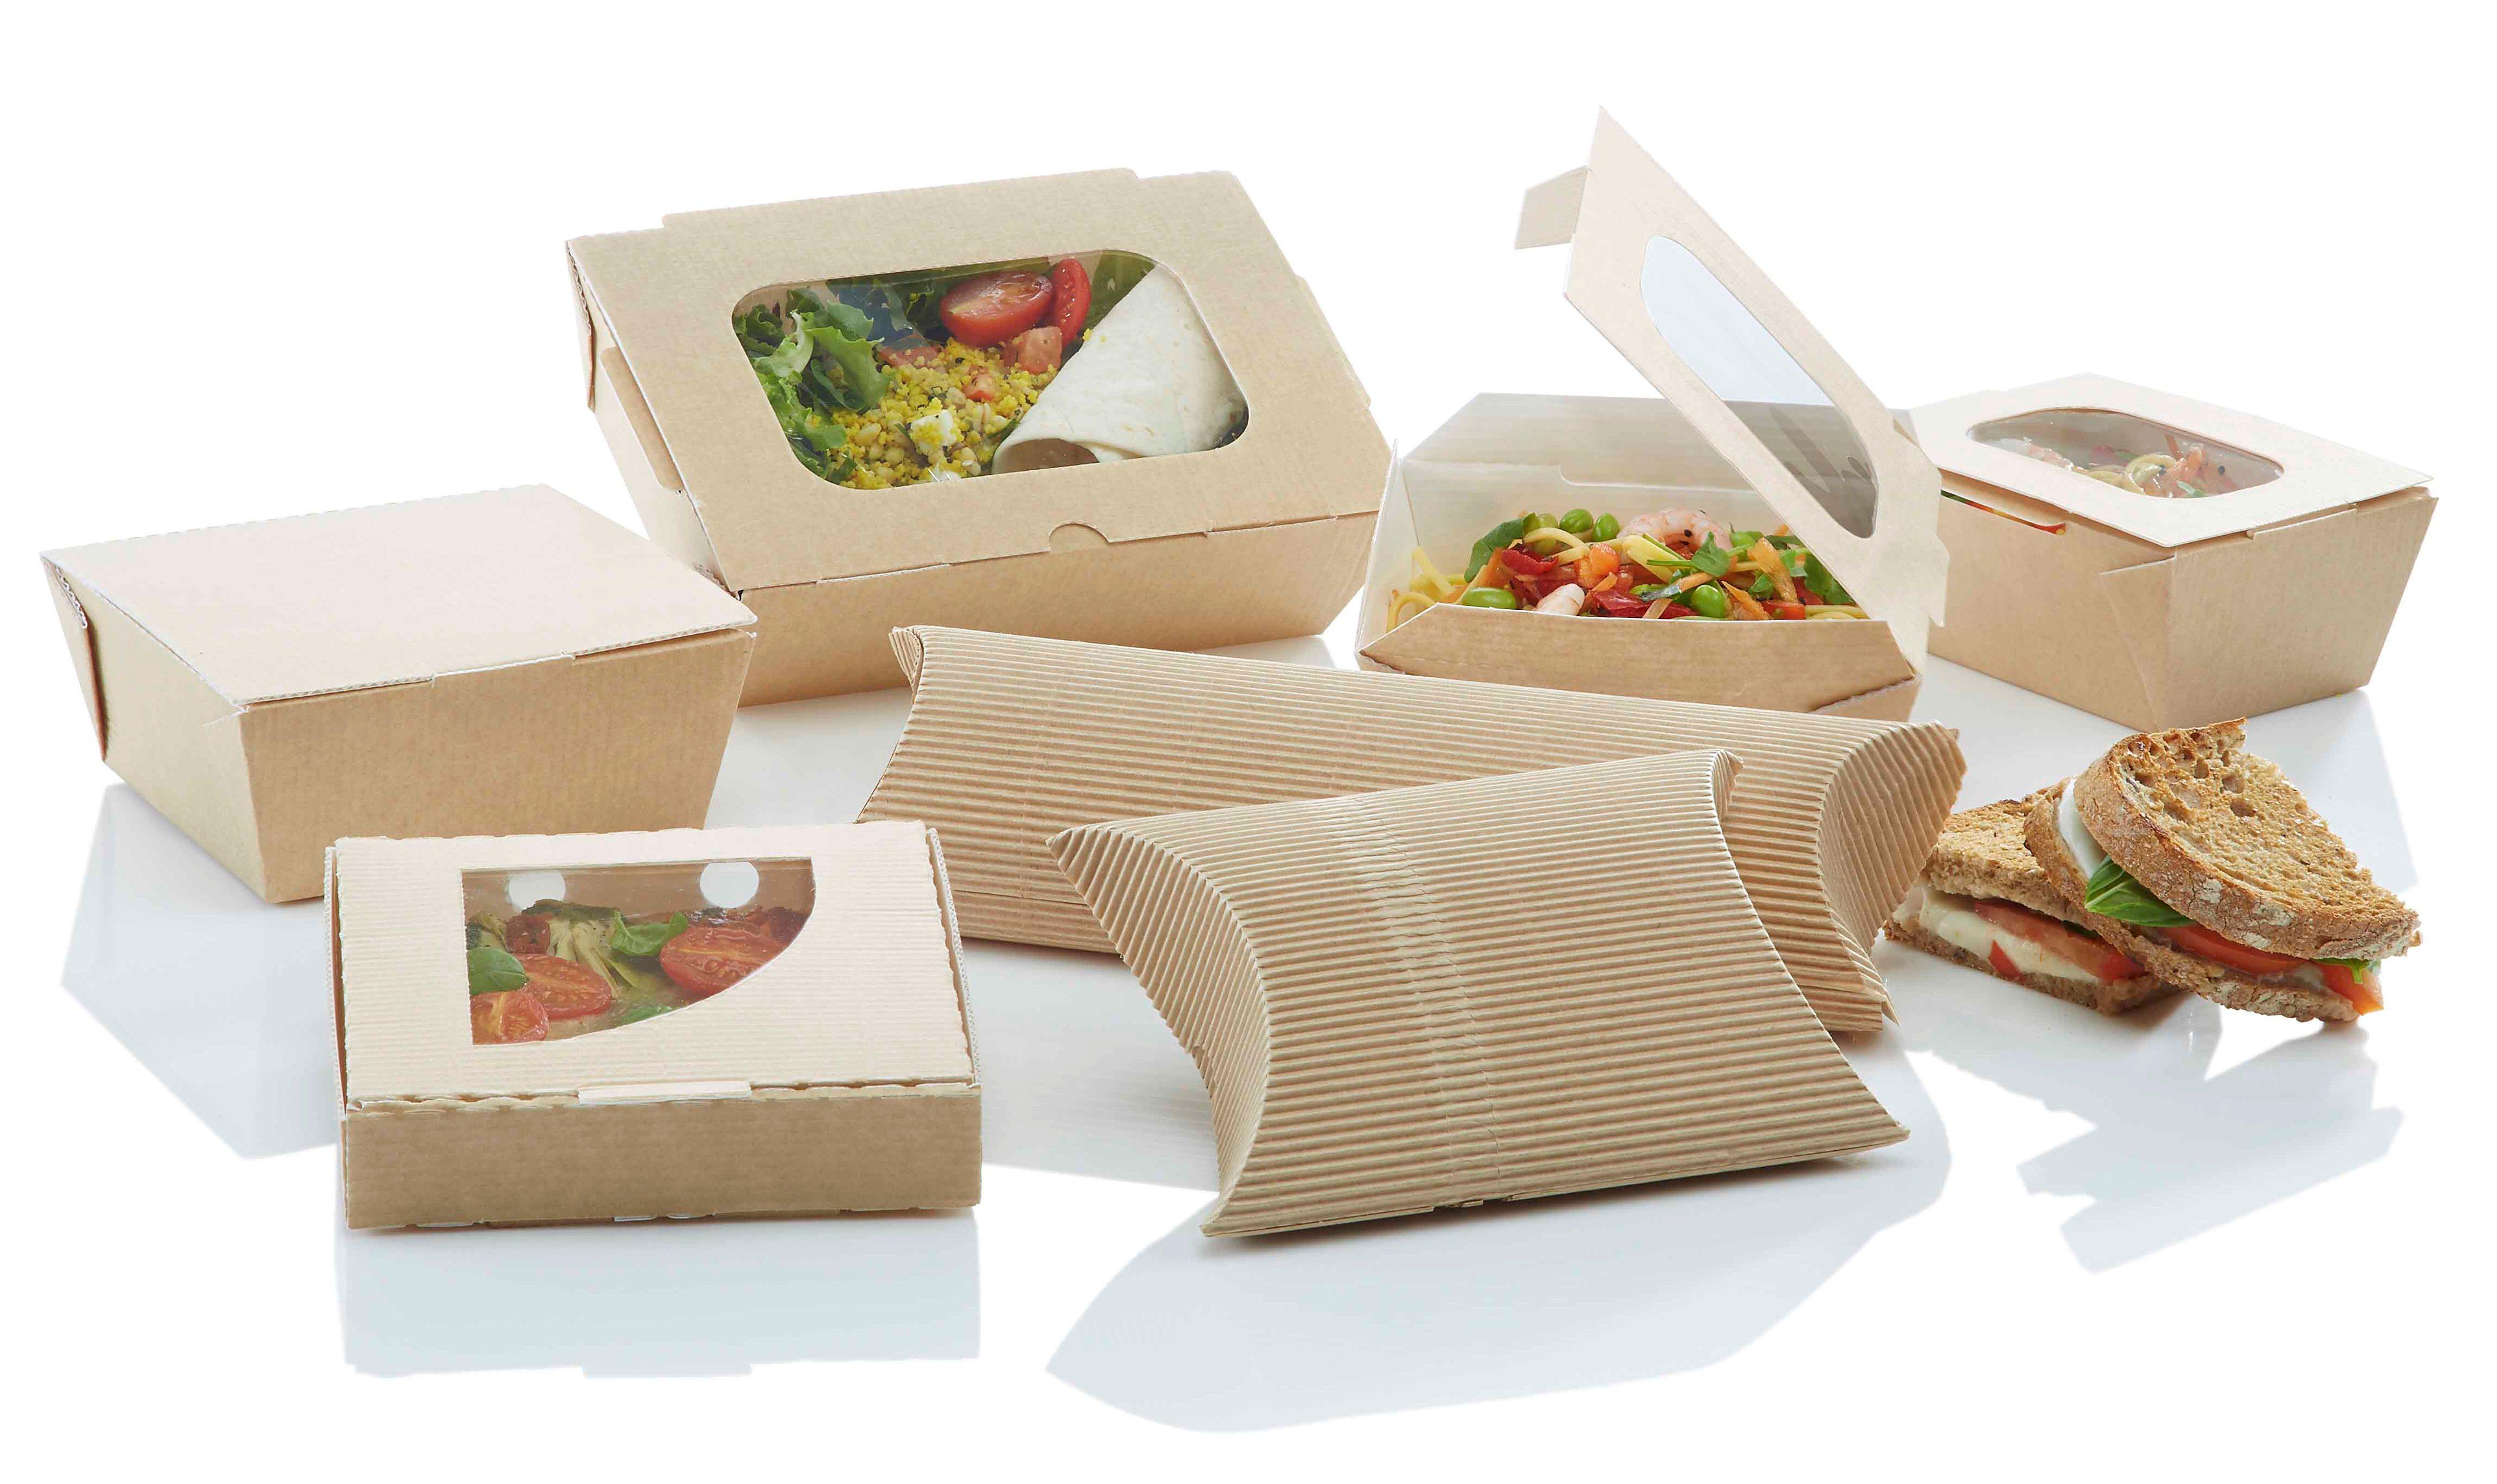 Packaging take away 30 dise os cartosystem - Envases take away ...